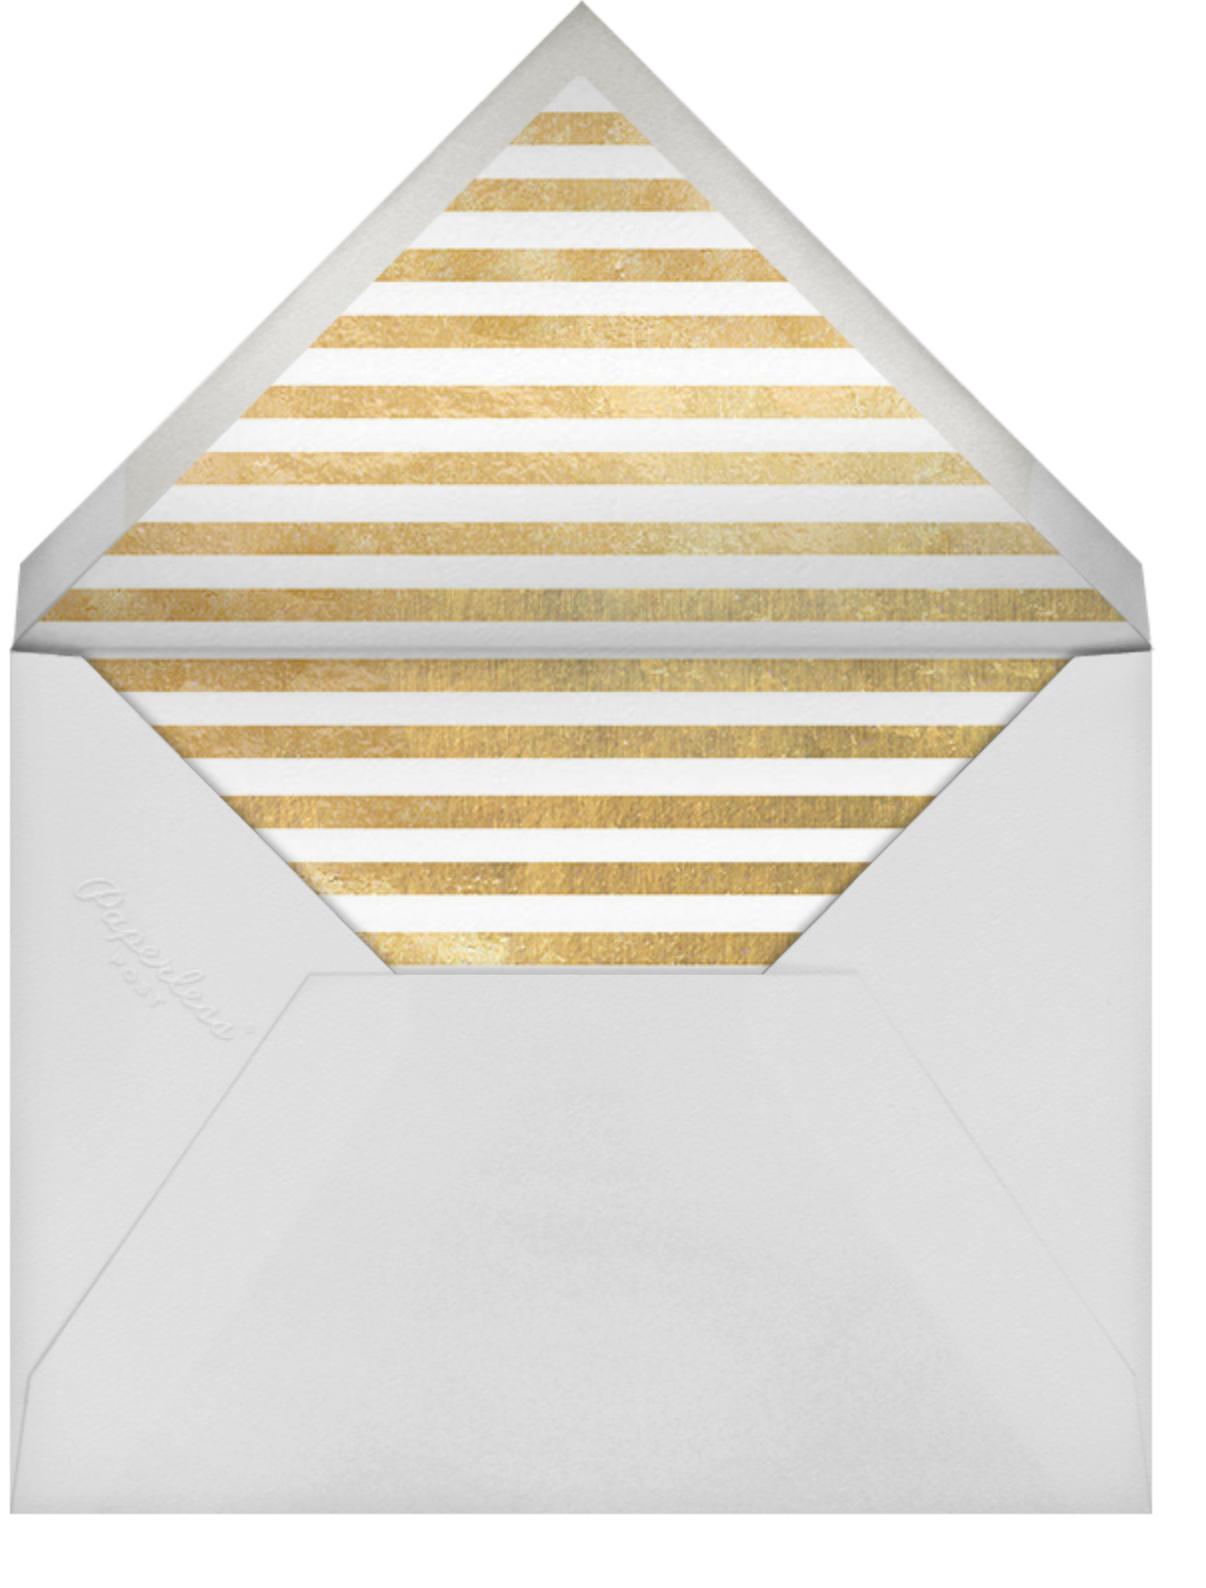 Confetti - Black/Gold - kate spade new york - Rehearsal dinner - envelope back